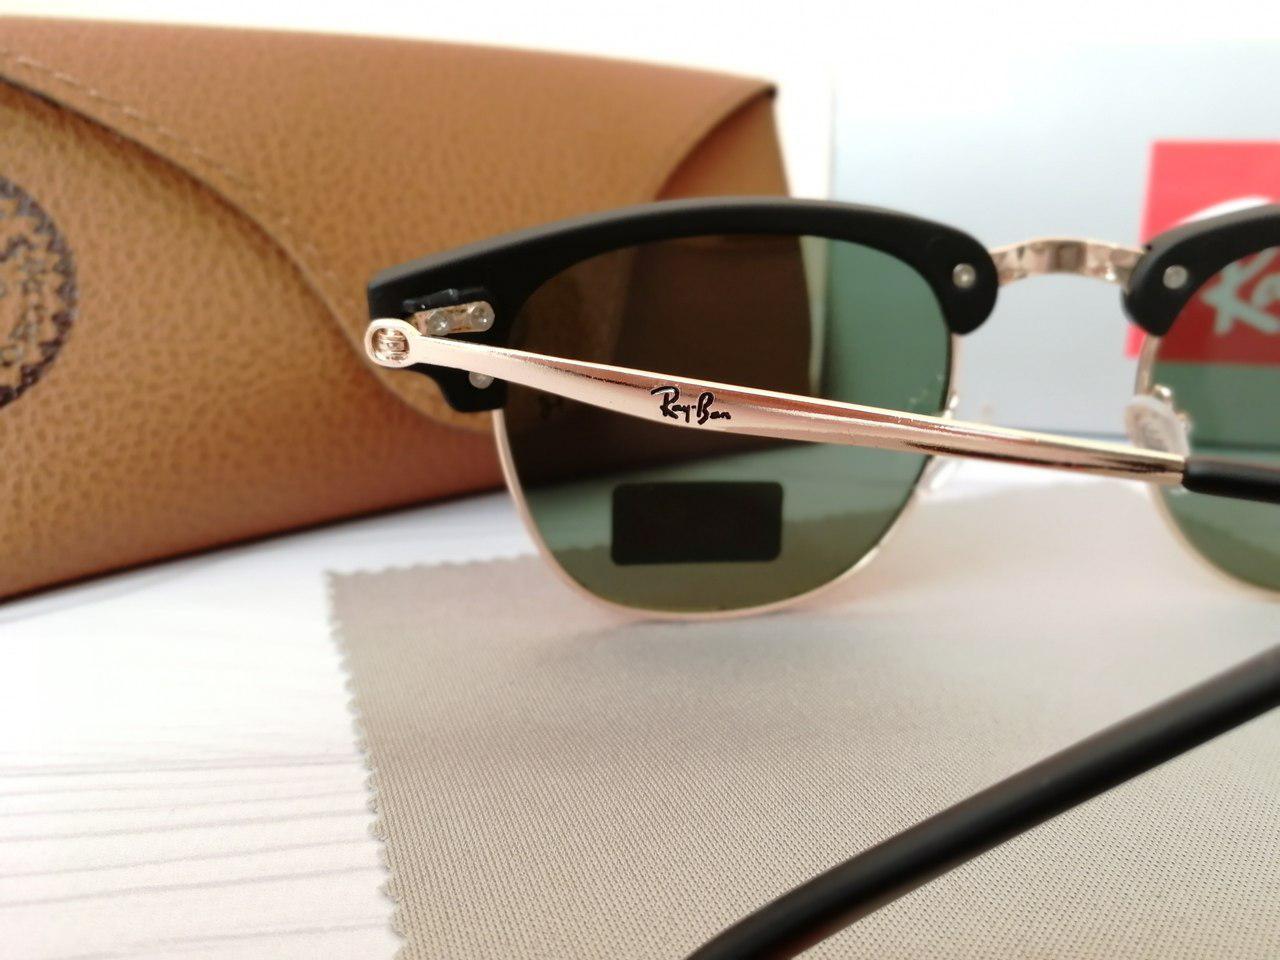 ... Женские солнцезащитные очки Ray Ban Рэй Бэн Клабмастер чёрные с чёрным  отливом (реплика), ... e594c0602f6